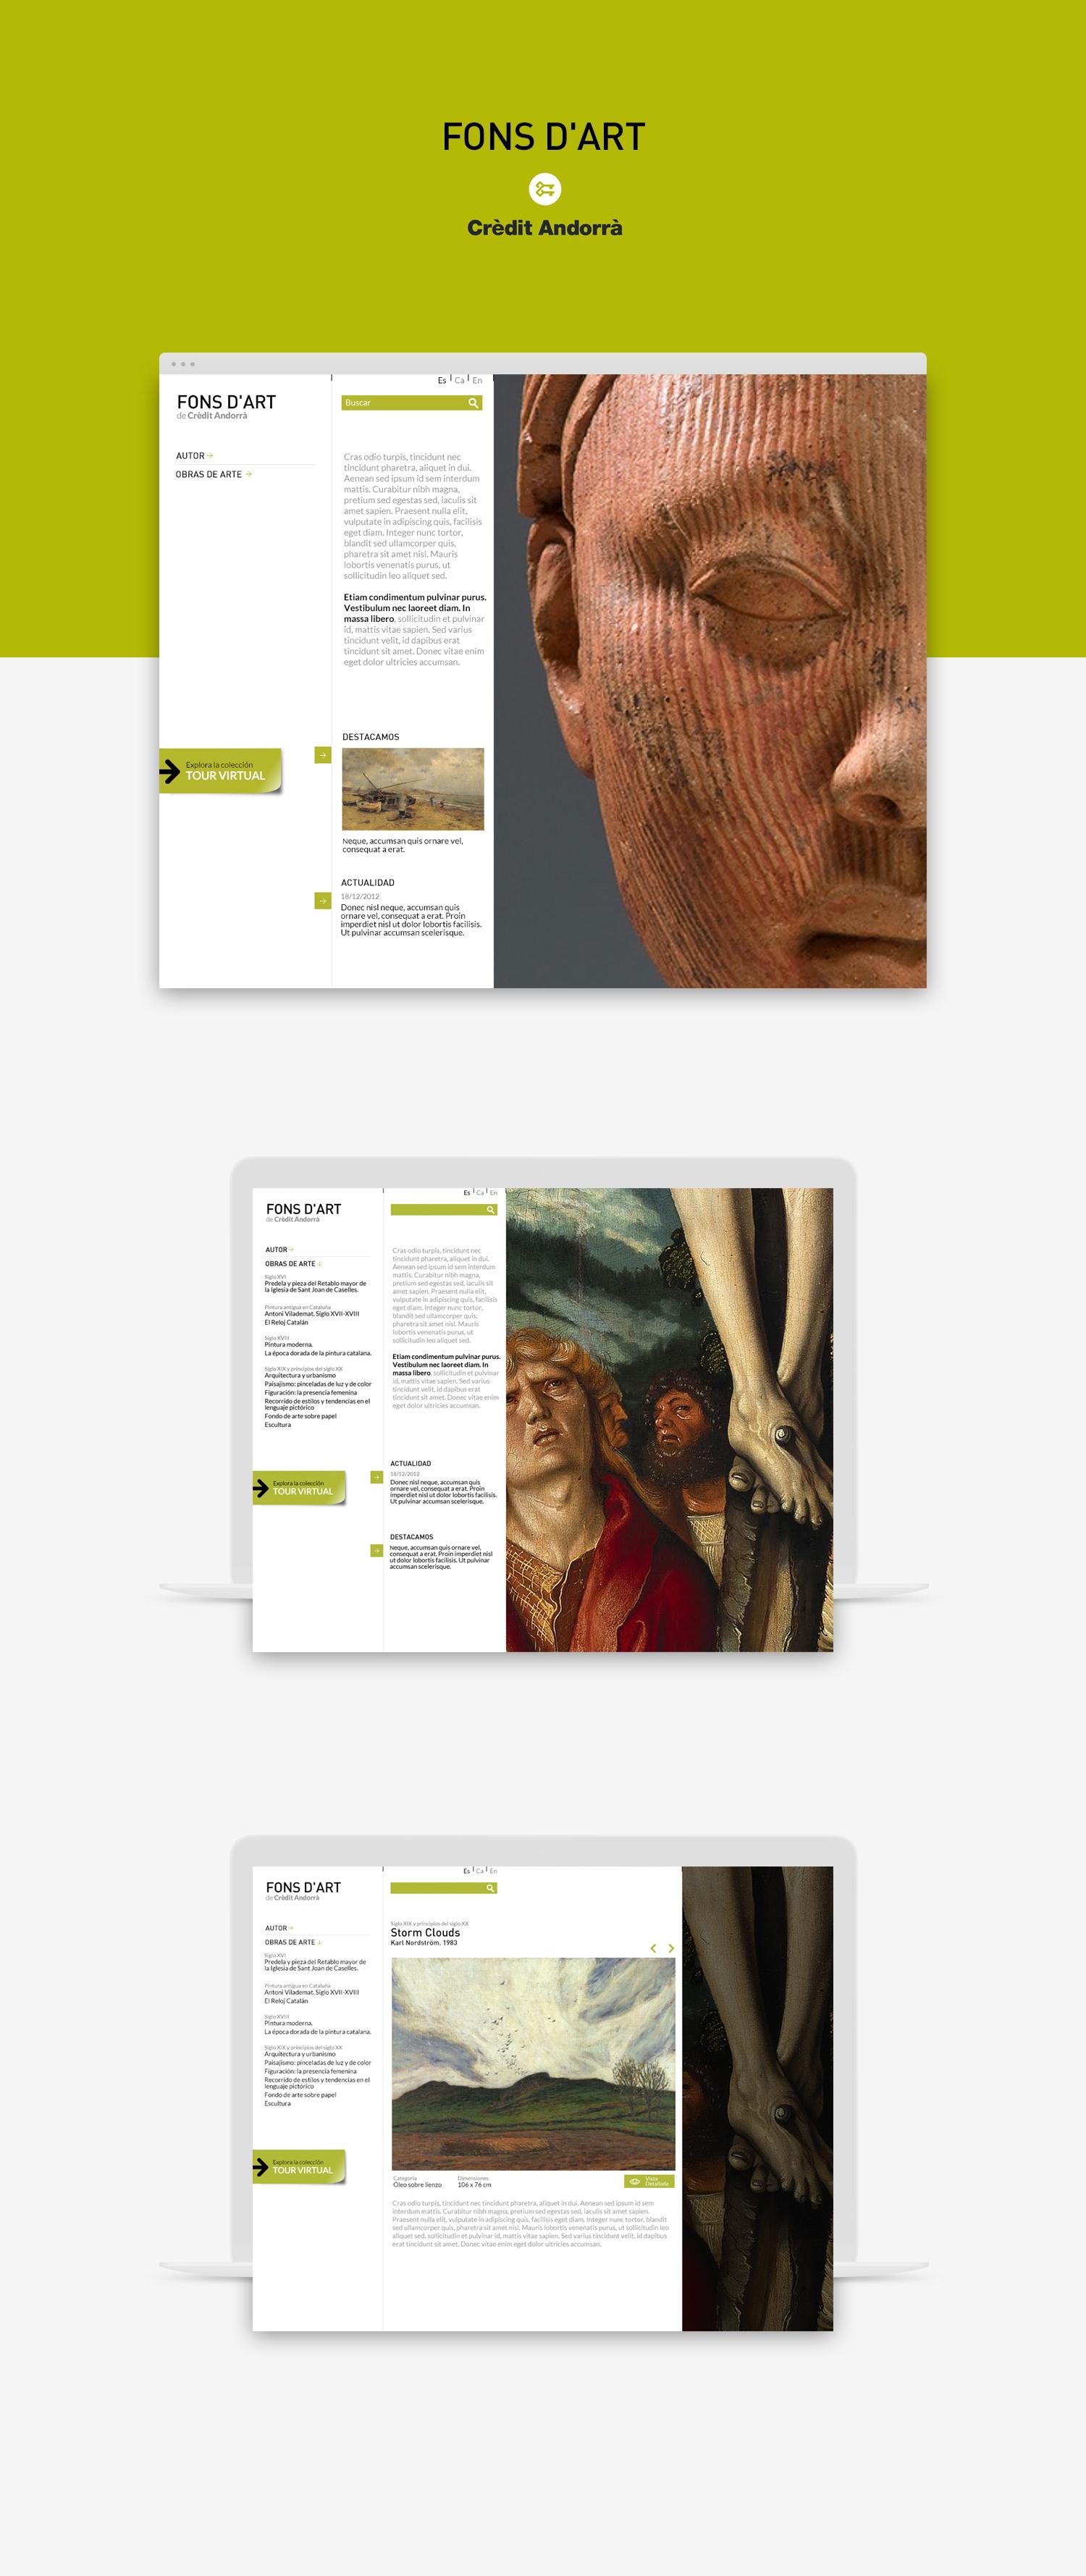 Diseñador web · Fons d'Art de Crèdit Andorrà · Samuel Matito · diseñador freelance